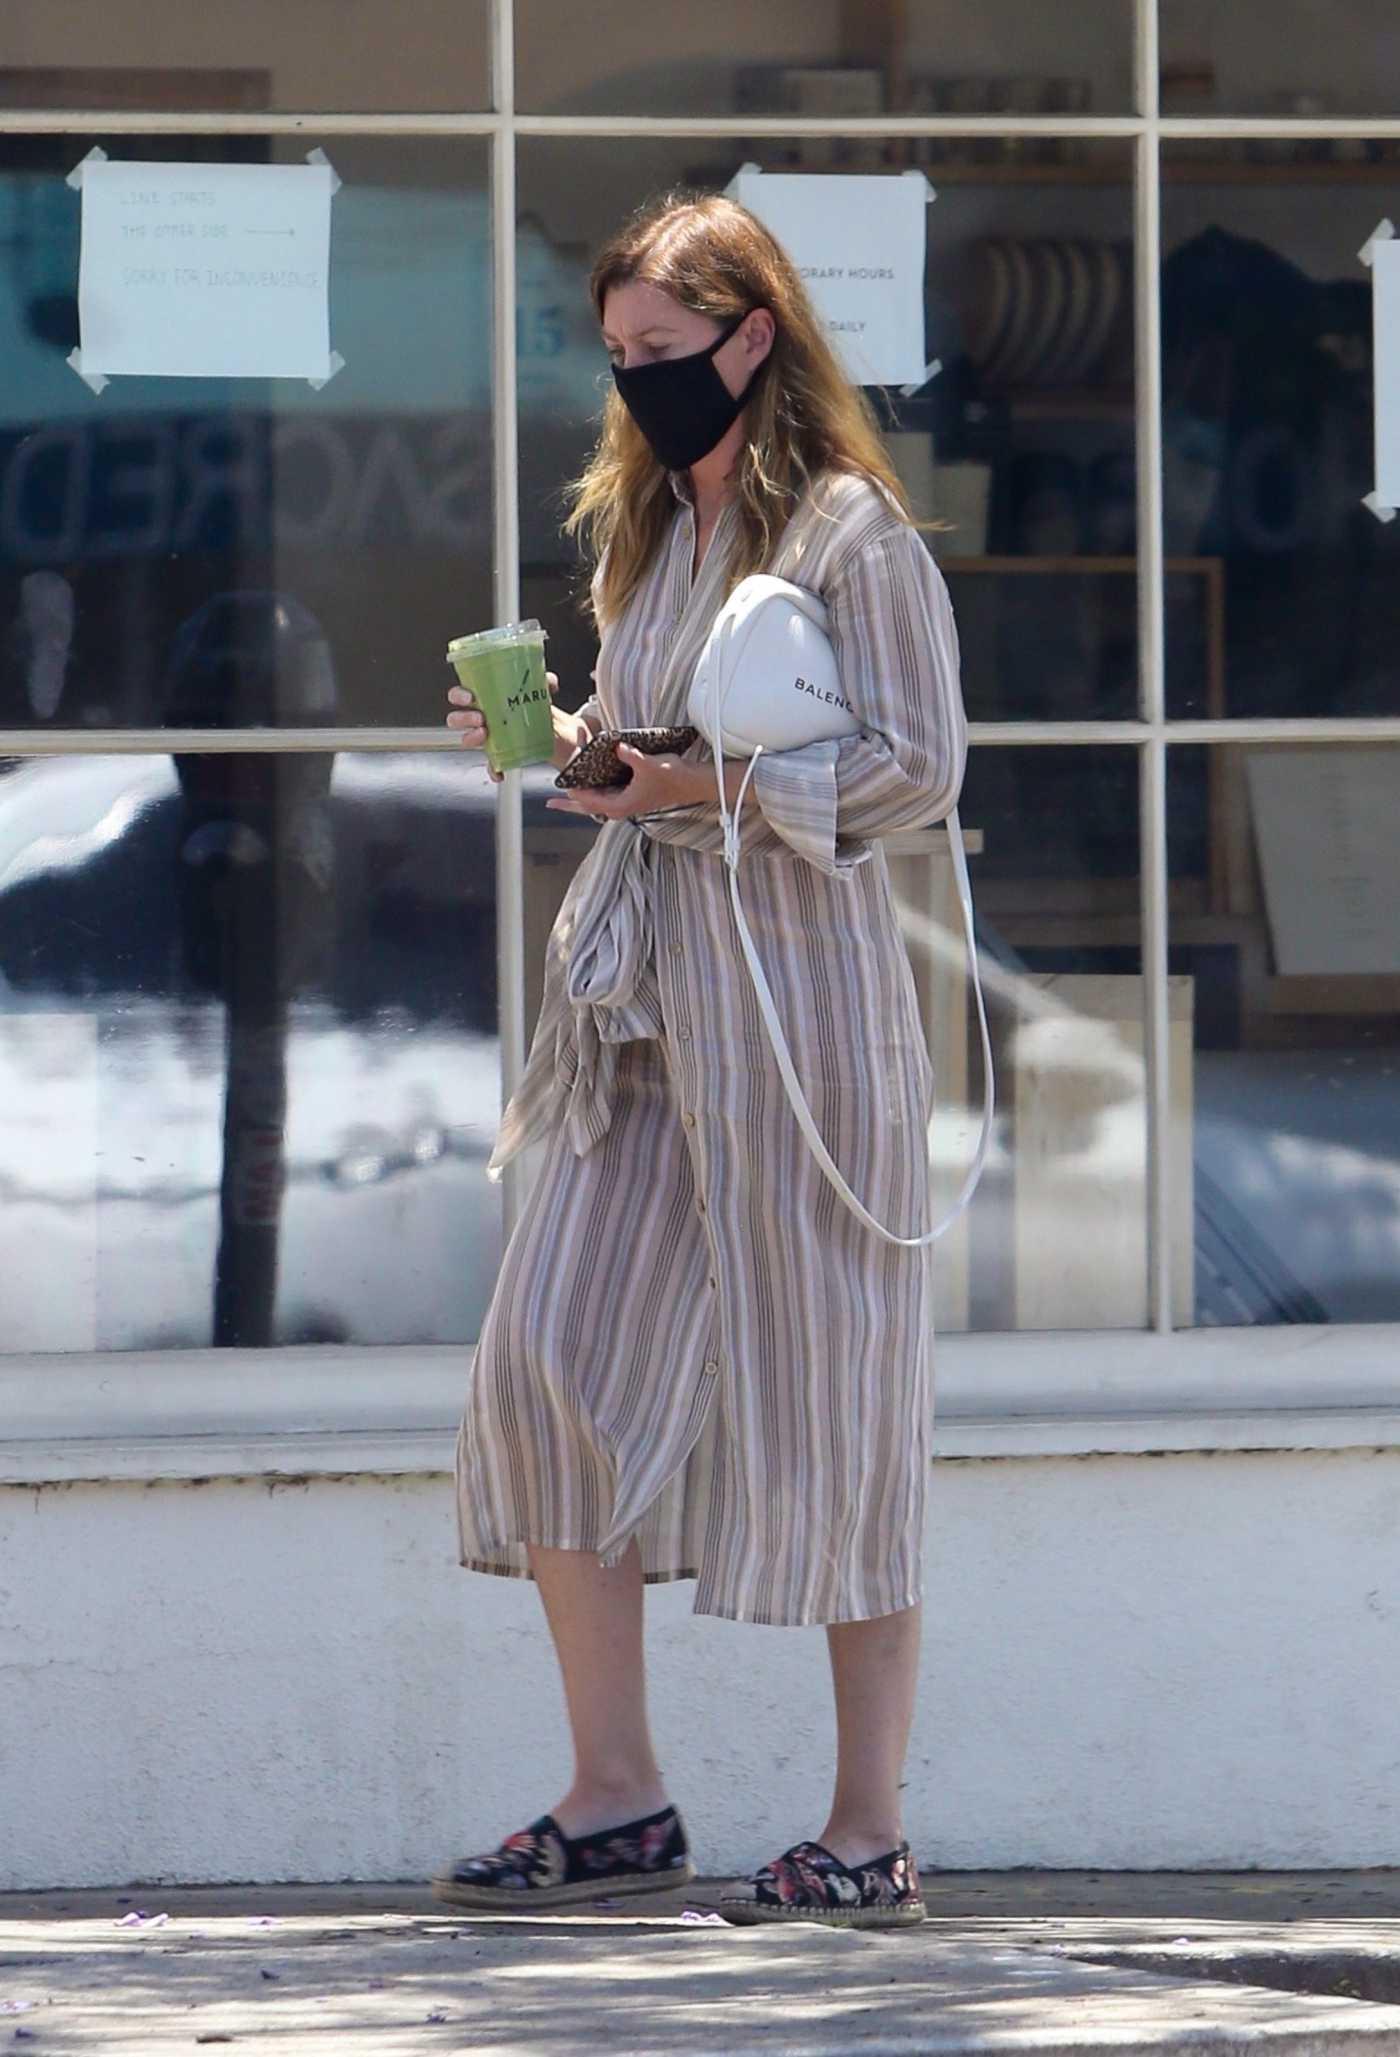 Ellen Pompeo in a Striped Dress Was Seen Out in Los Feliz 06/15/2020